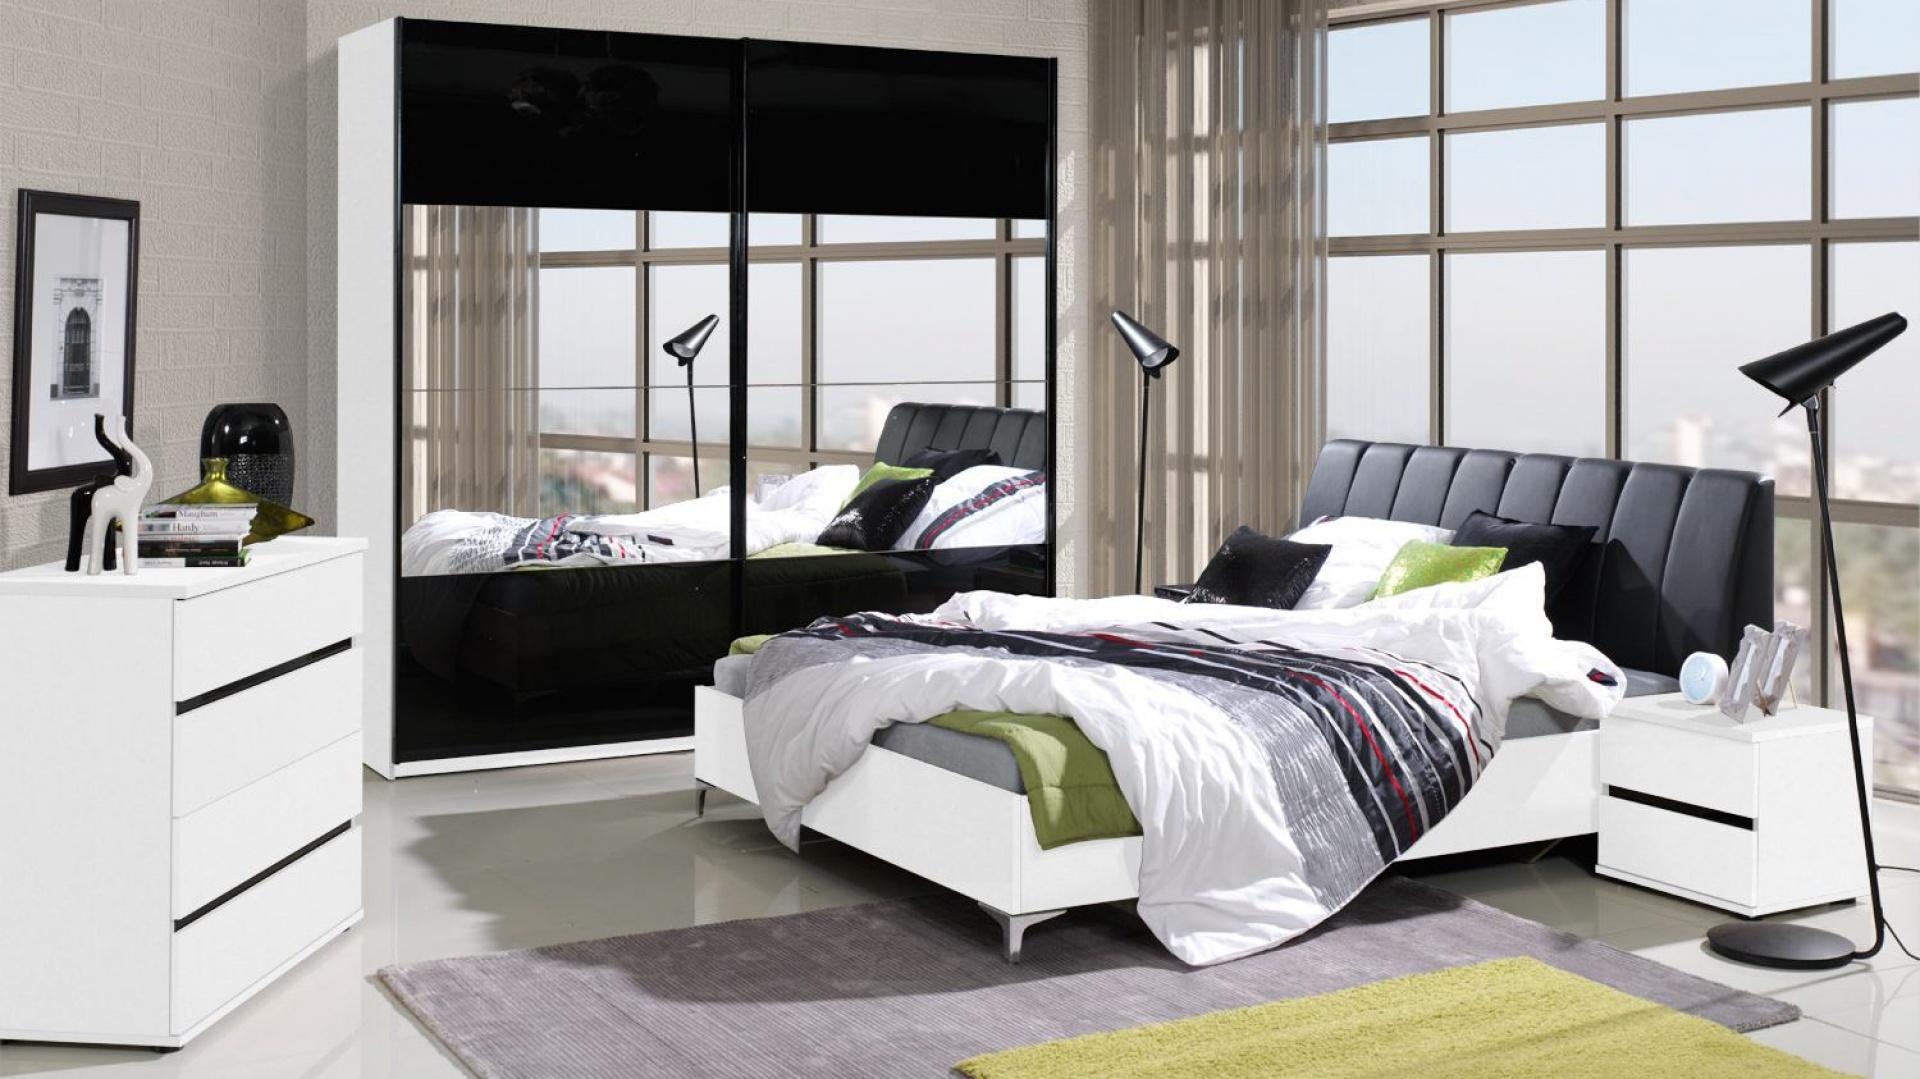 Meble Do Sypialni Modne łóżka Za Mniej Niż 1200 Zł